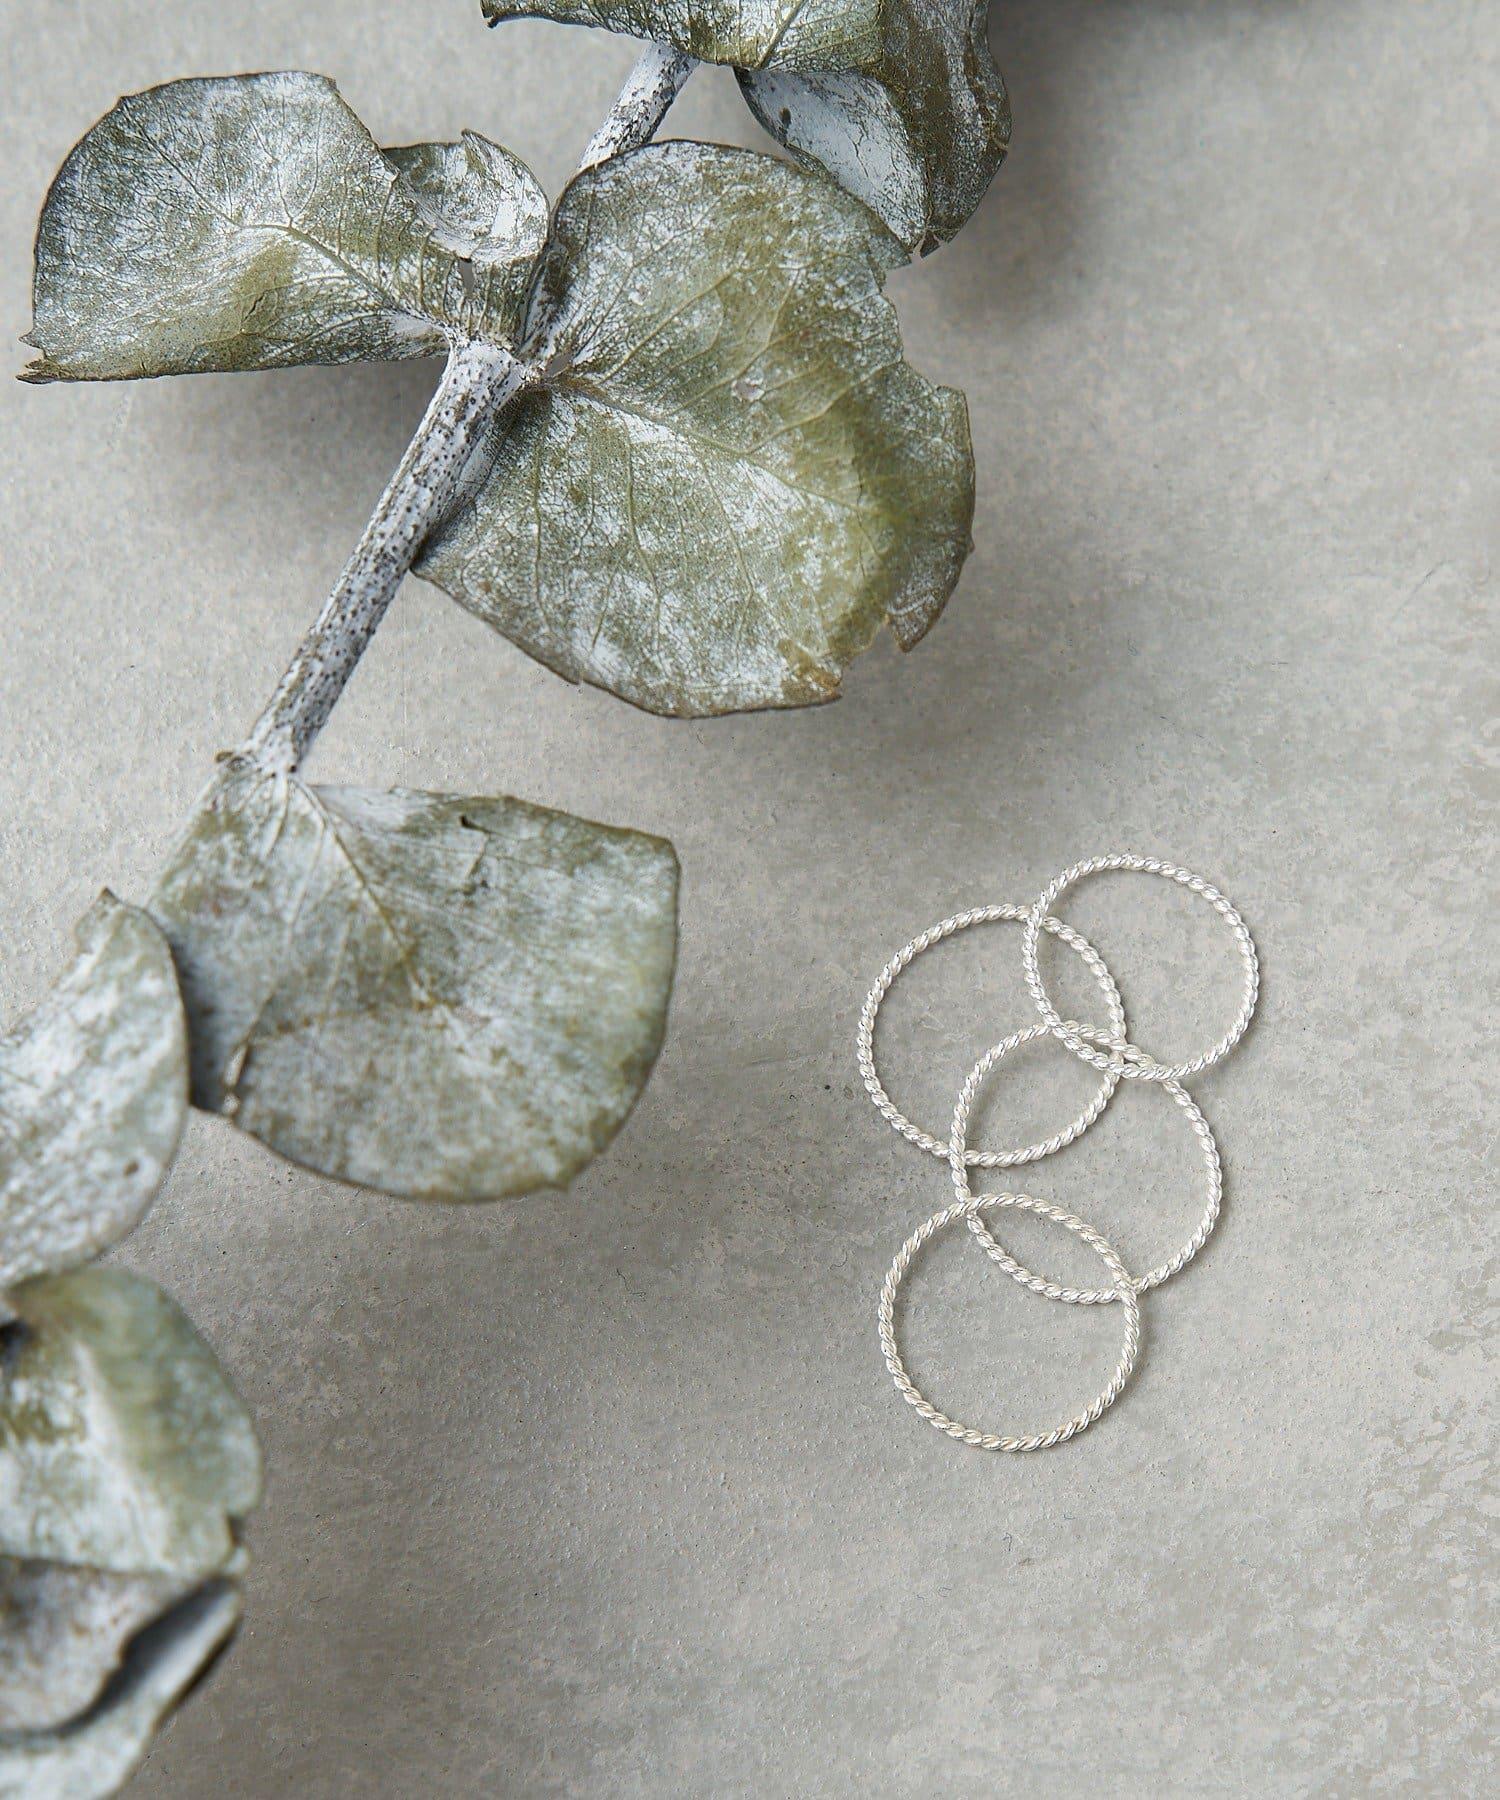 CIAOPANIC TYPY(チャオパニックティピー) silver925ツイストリングセット